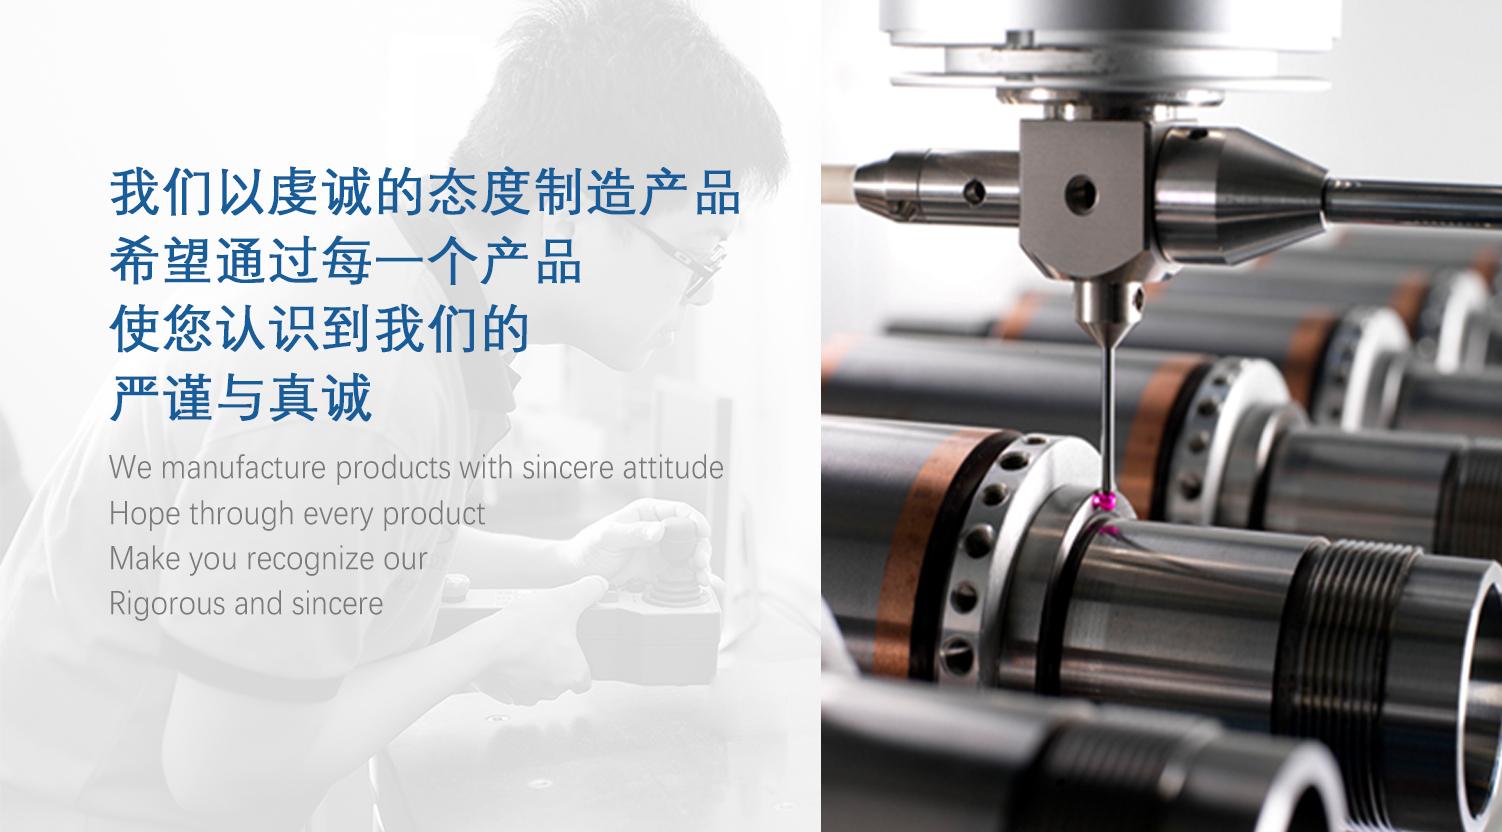 瑞德沃斯电主轴-我们以虔诚的态度制造产品